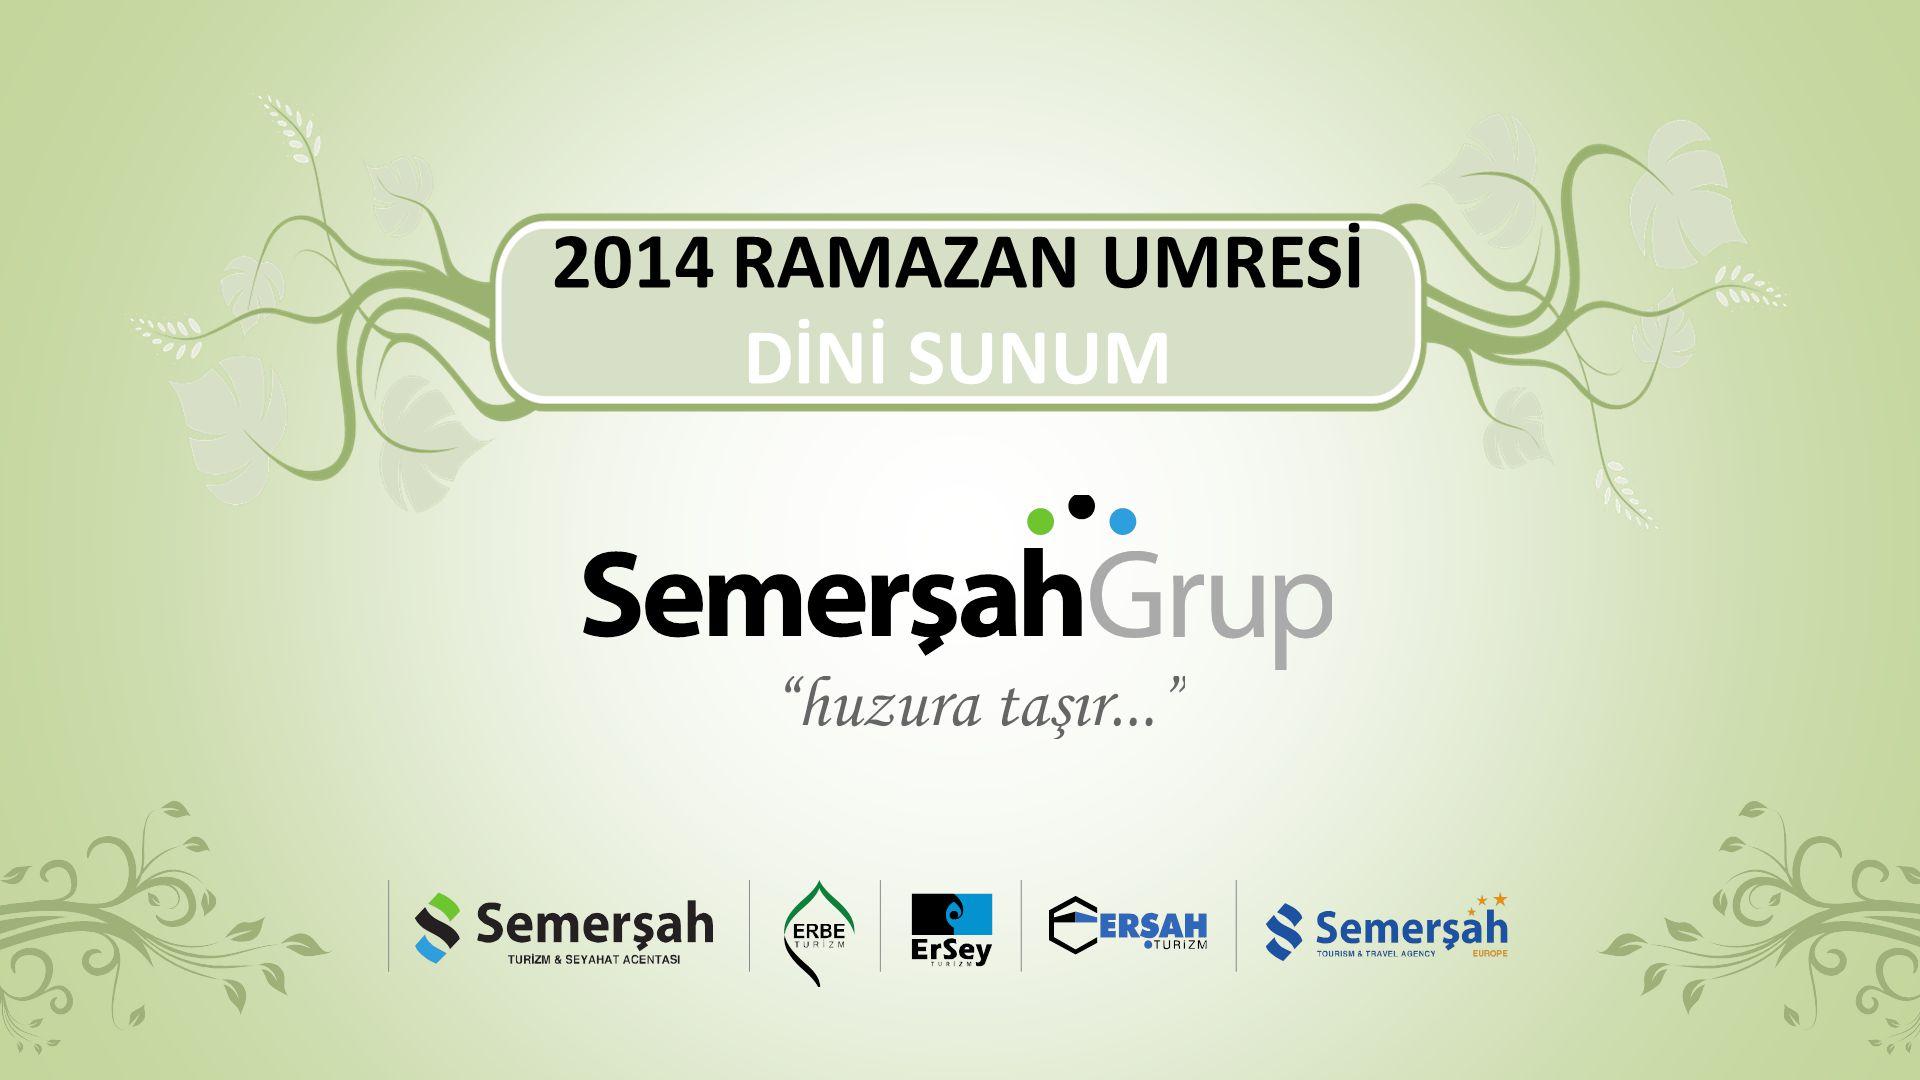 2014 RAMAZAN UMRESİ DİNİ SUNUM